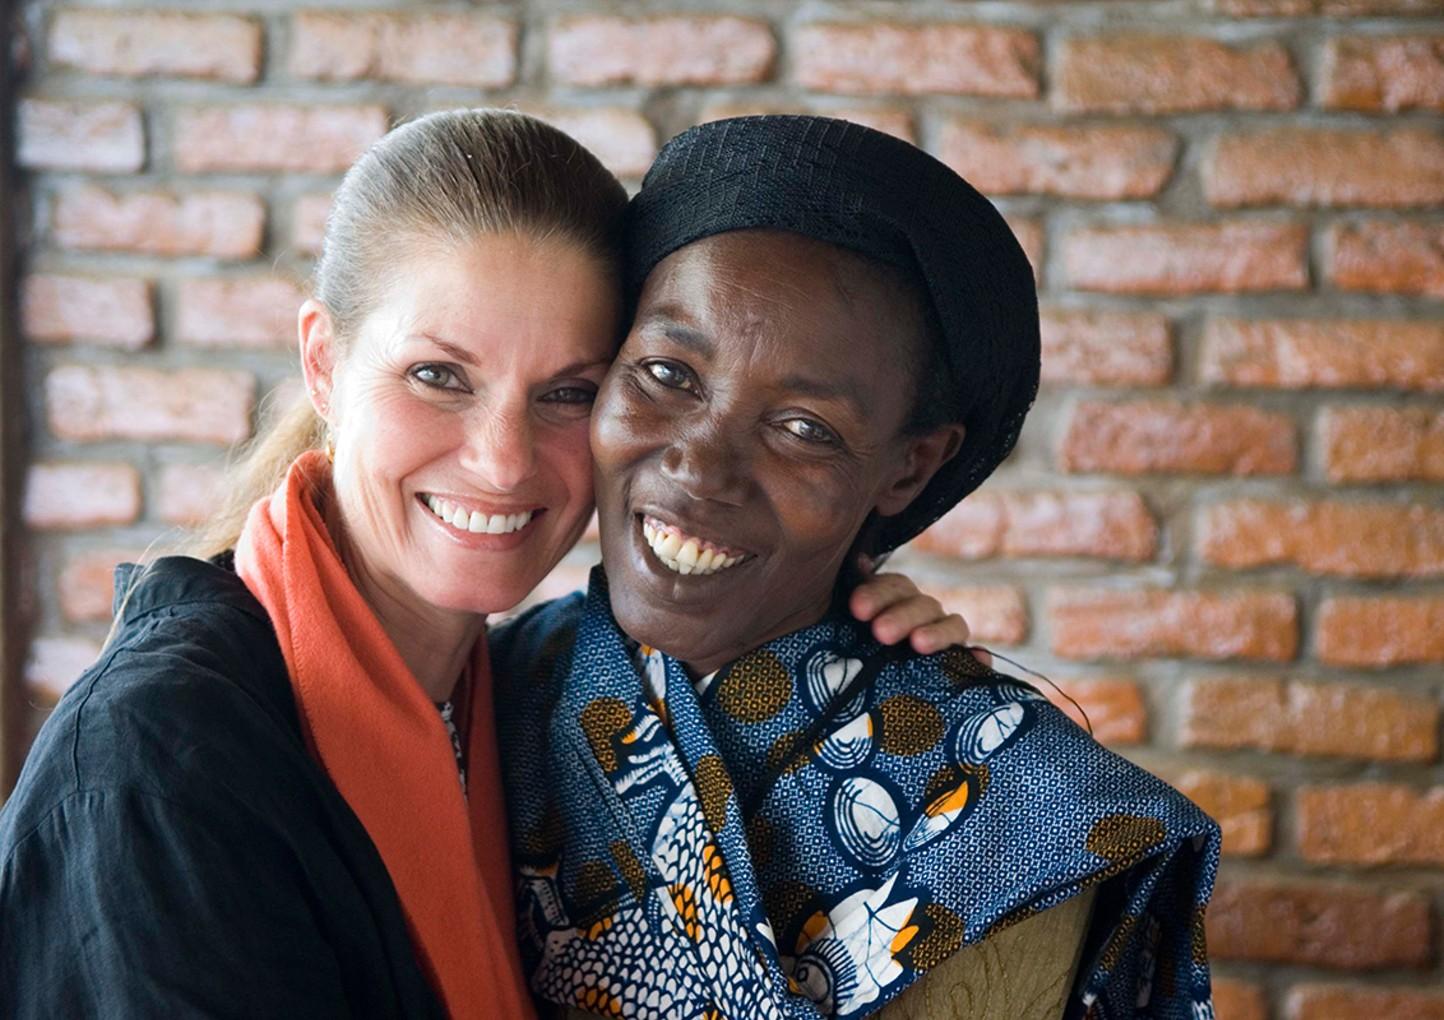 Women for Women International in Rwanda